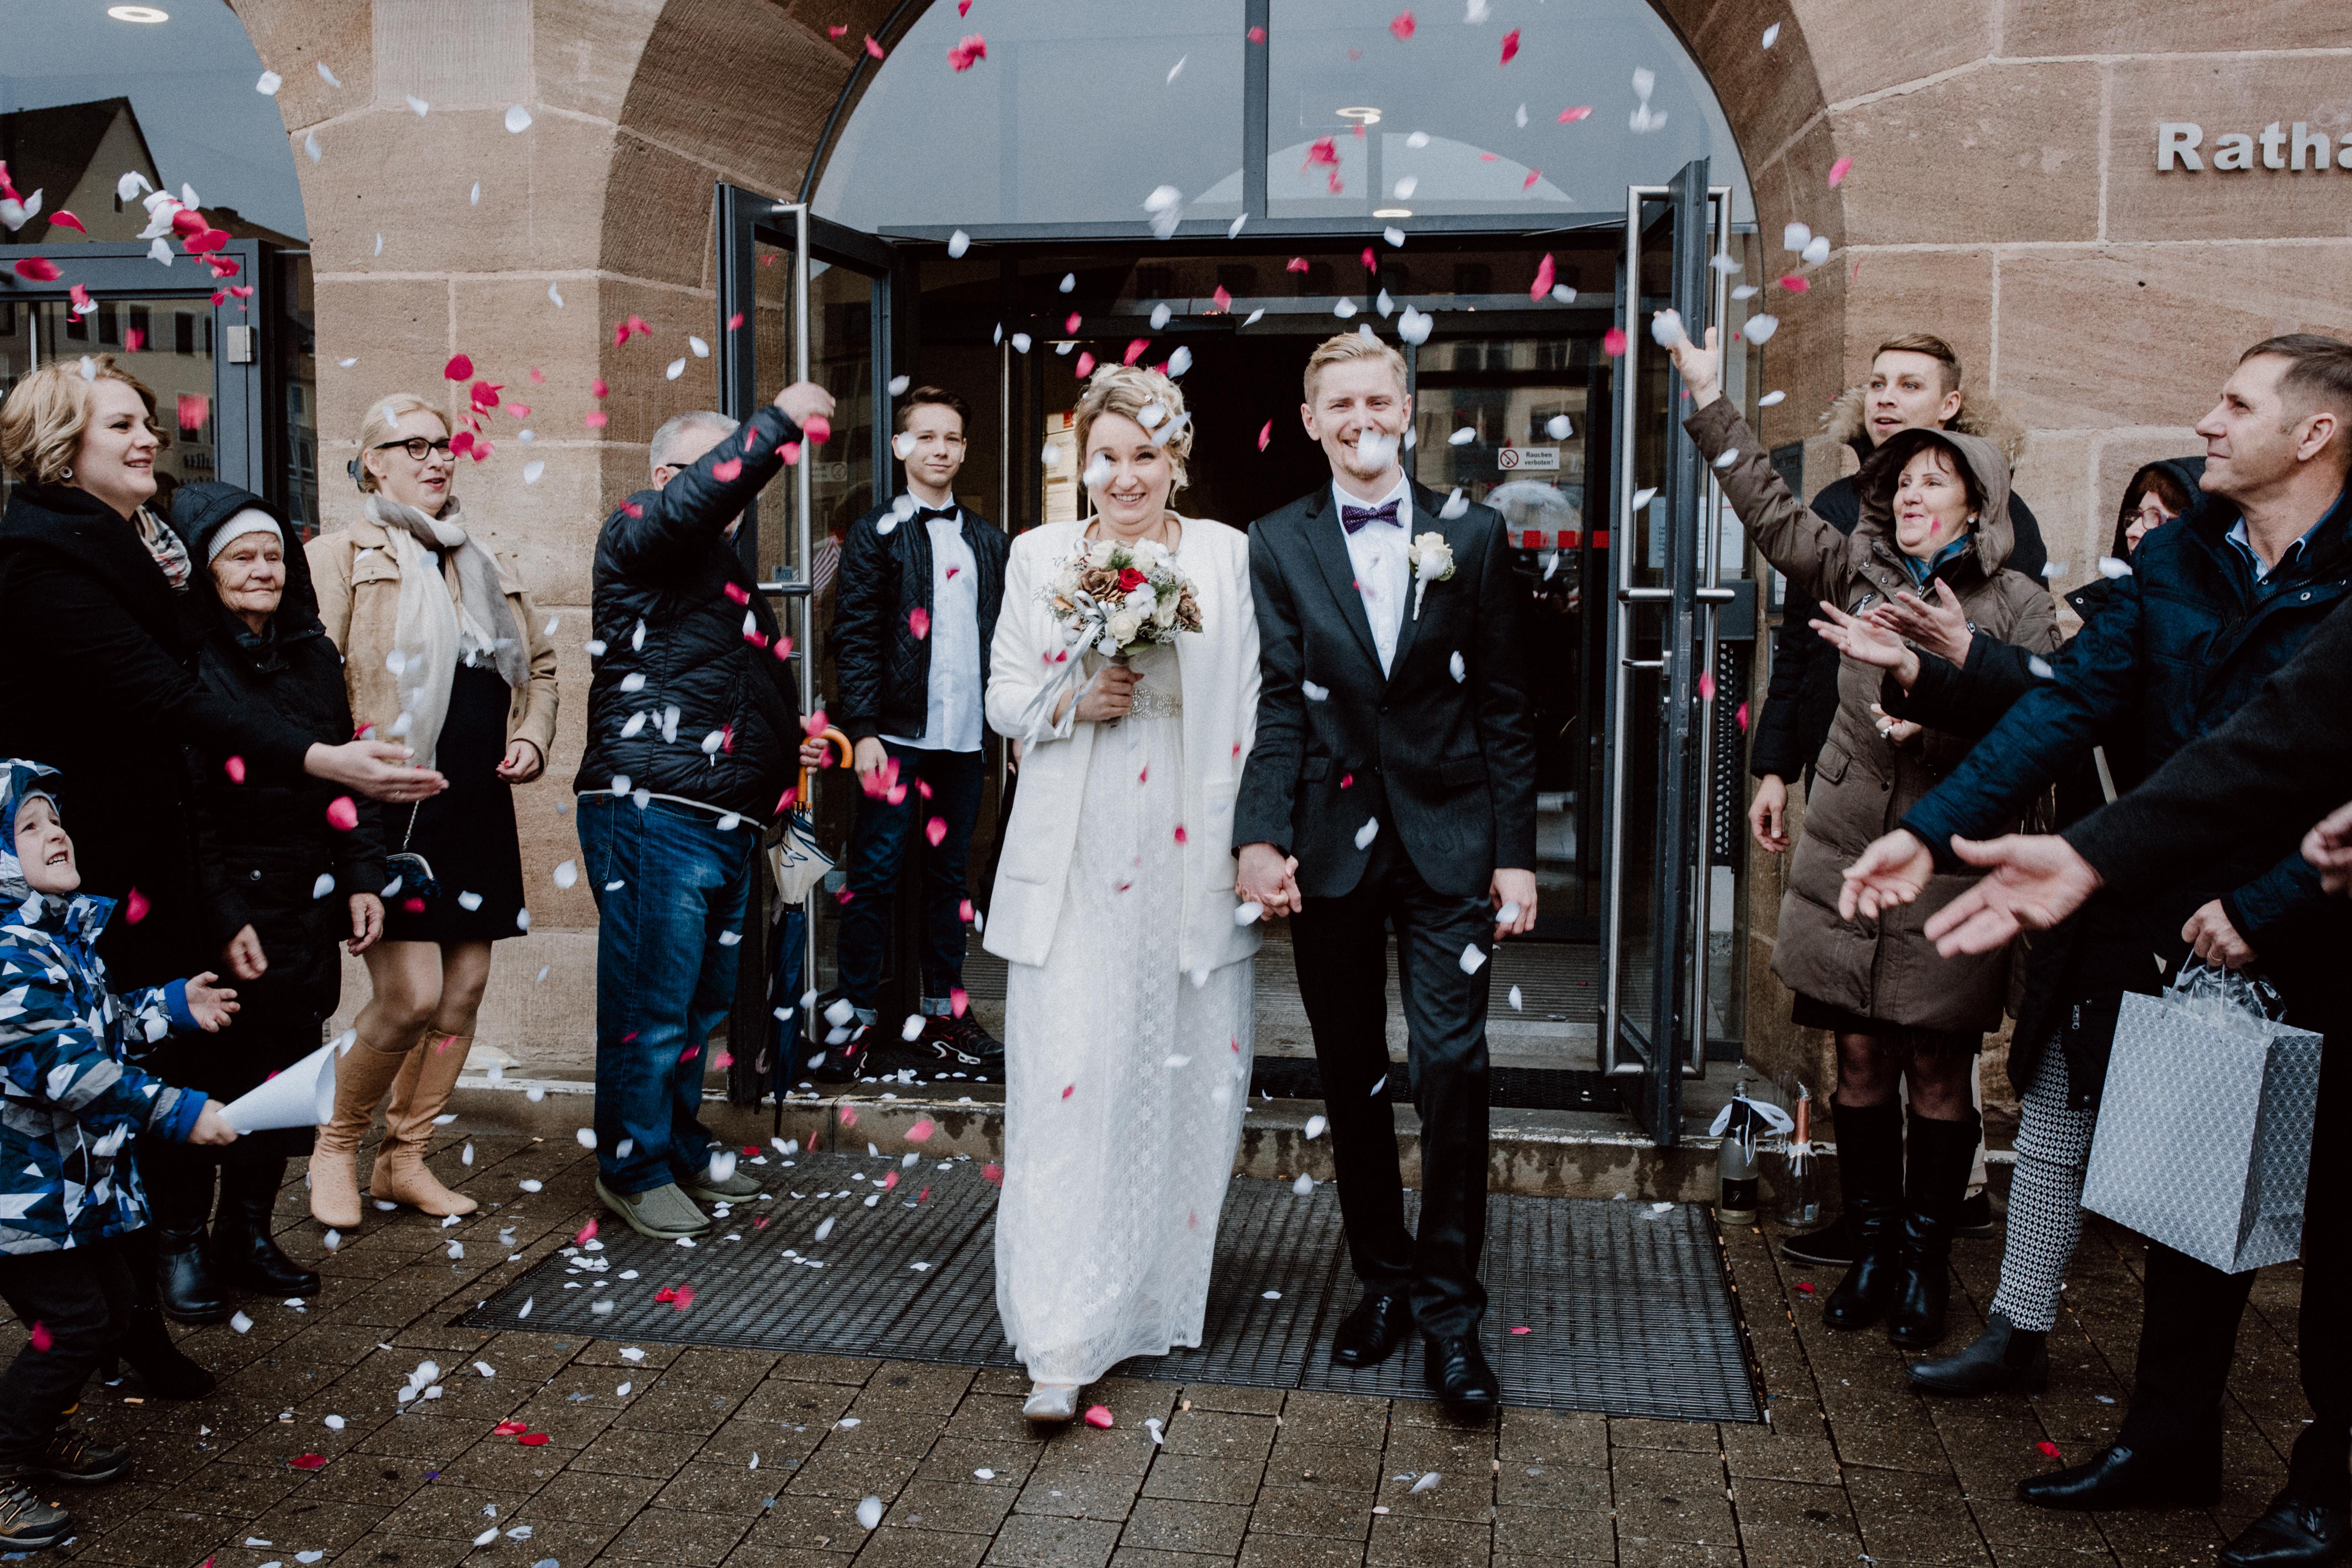 URBANERIE_Daniela_Goth_Hochzeitsfotografin_Nürnberg_Fürth_Erlangen_Schwabach_171110_0460